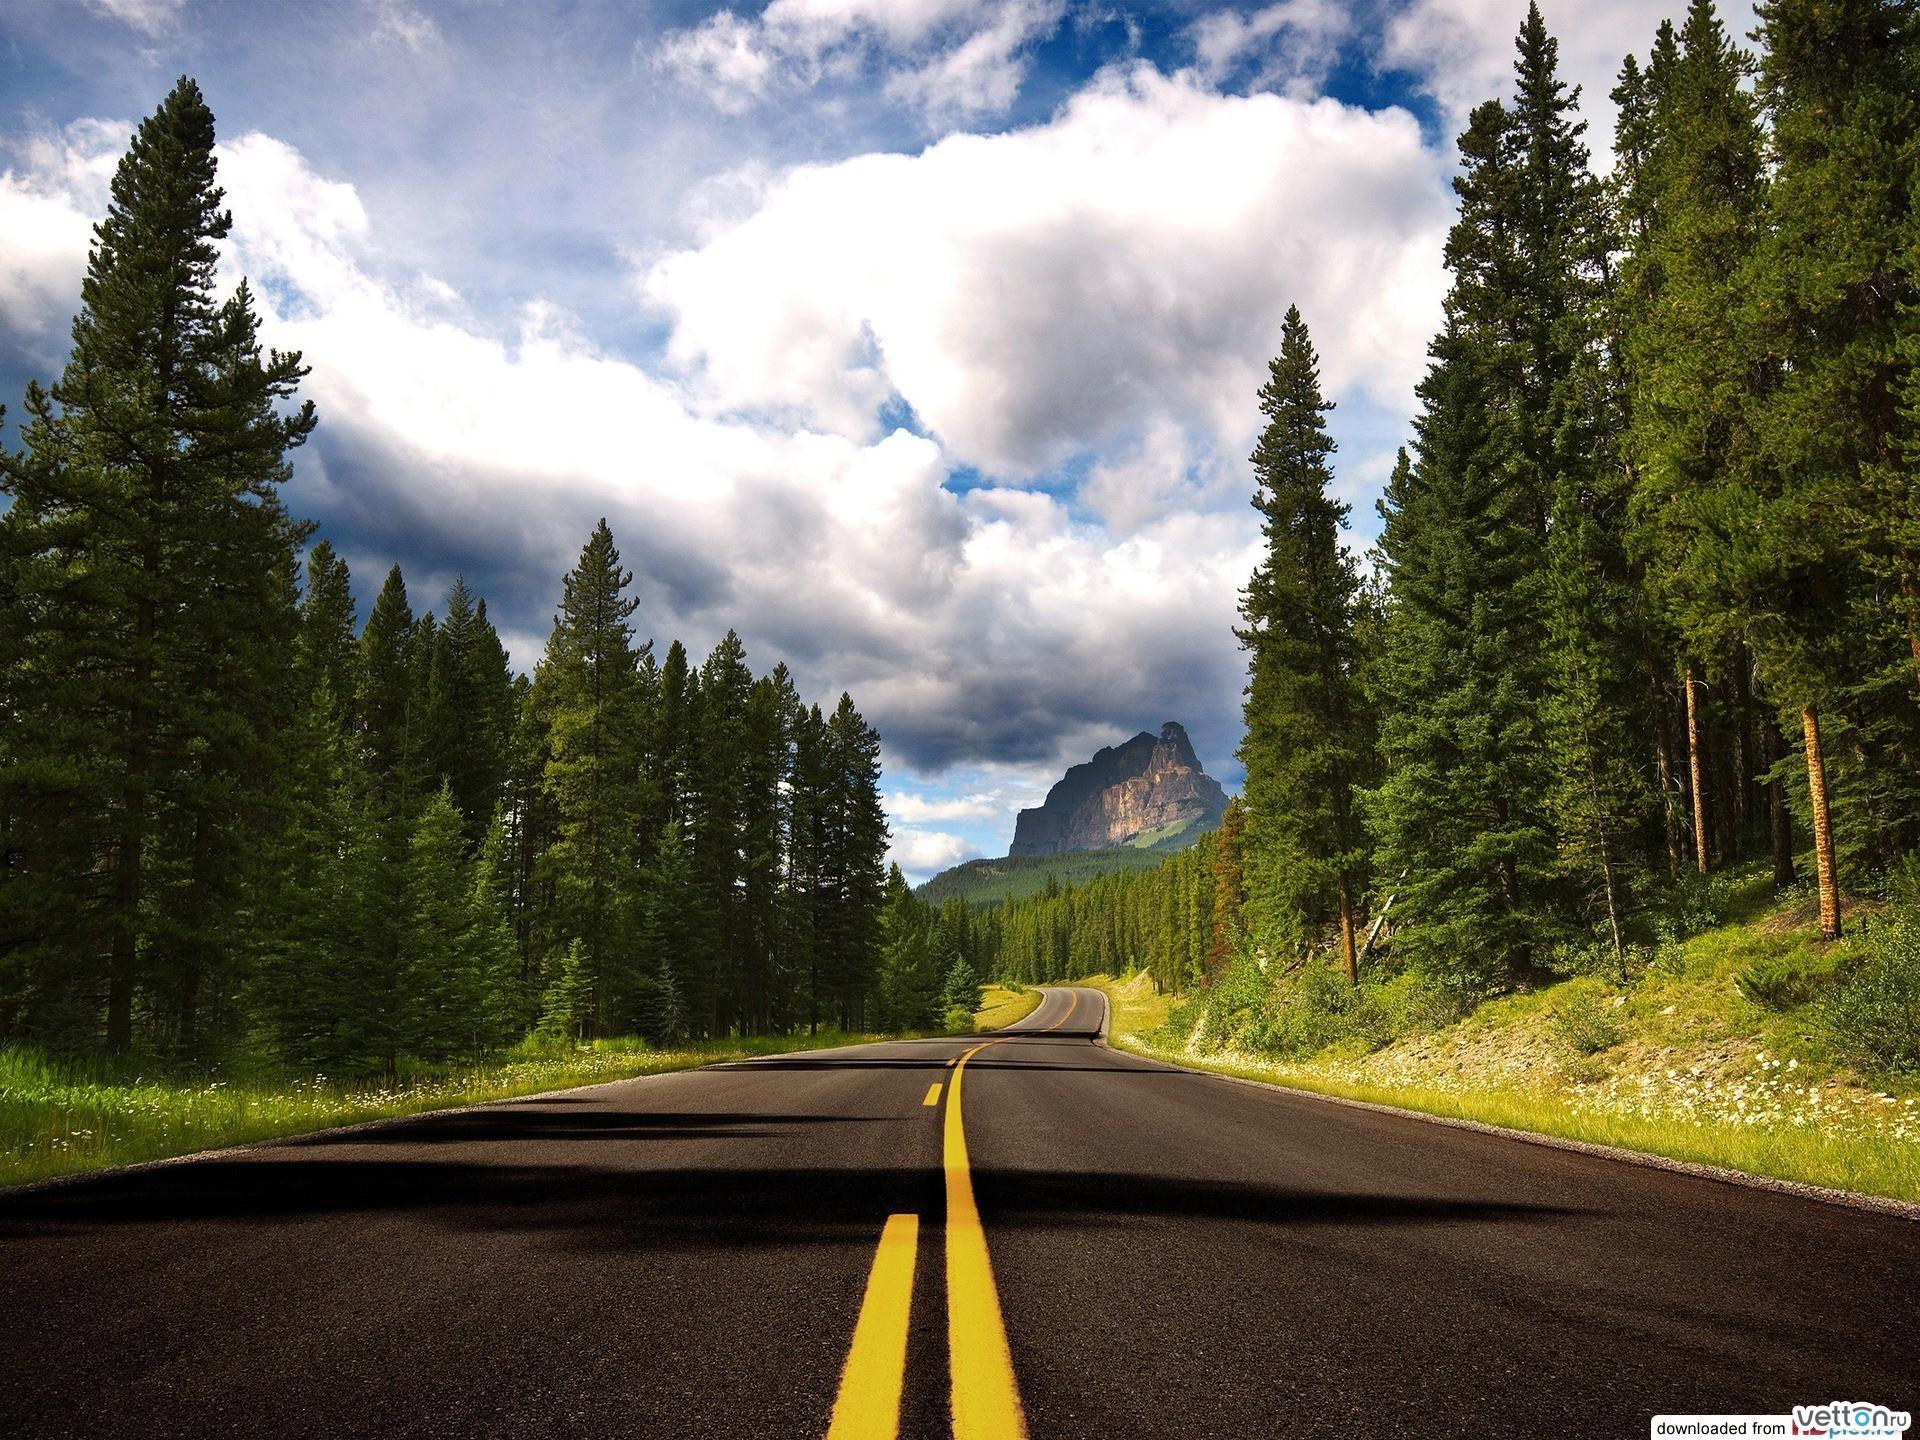 21796 скачать обои Пейзаж, Деревья, Небо, Дороги, Облака - заставки и картинки бесплатно